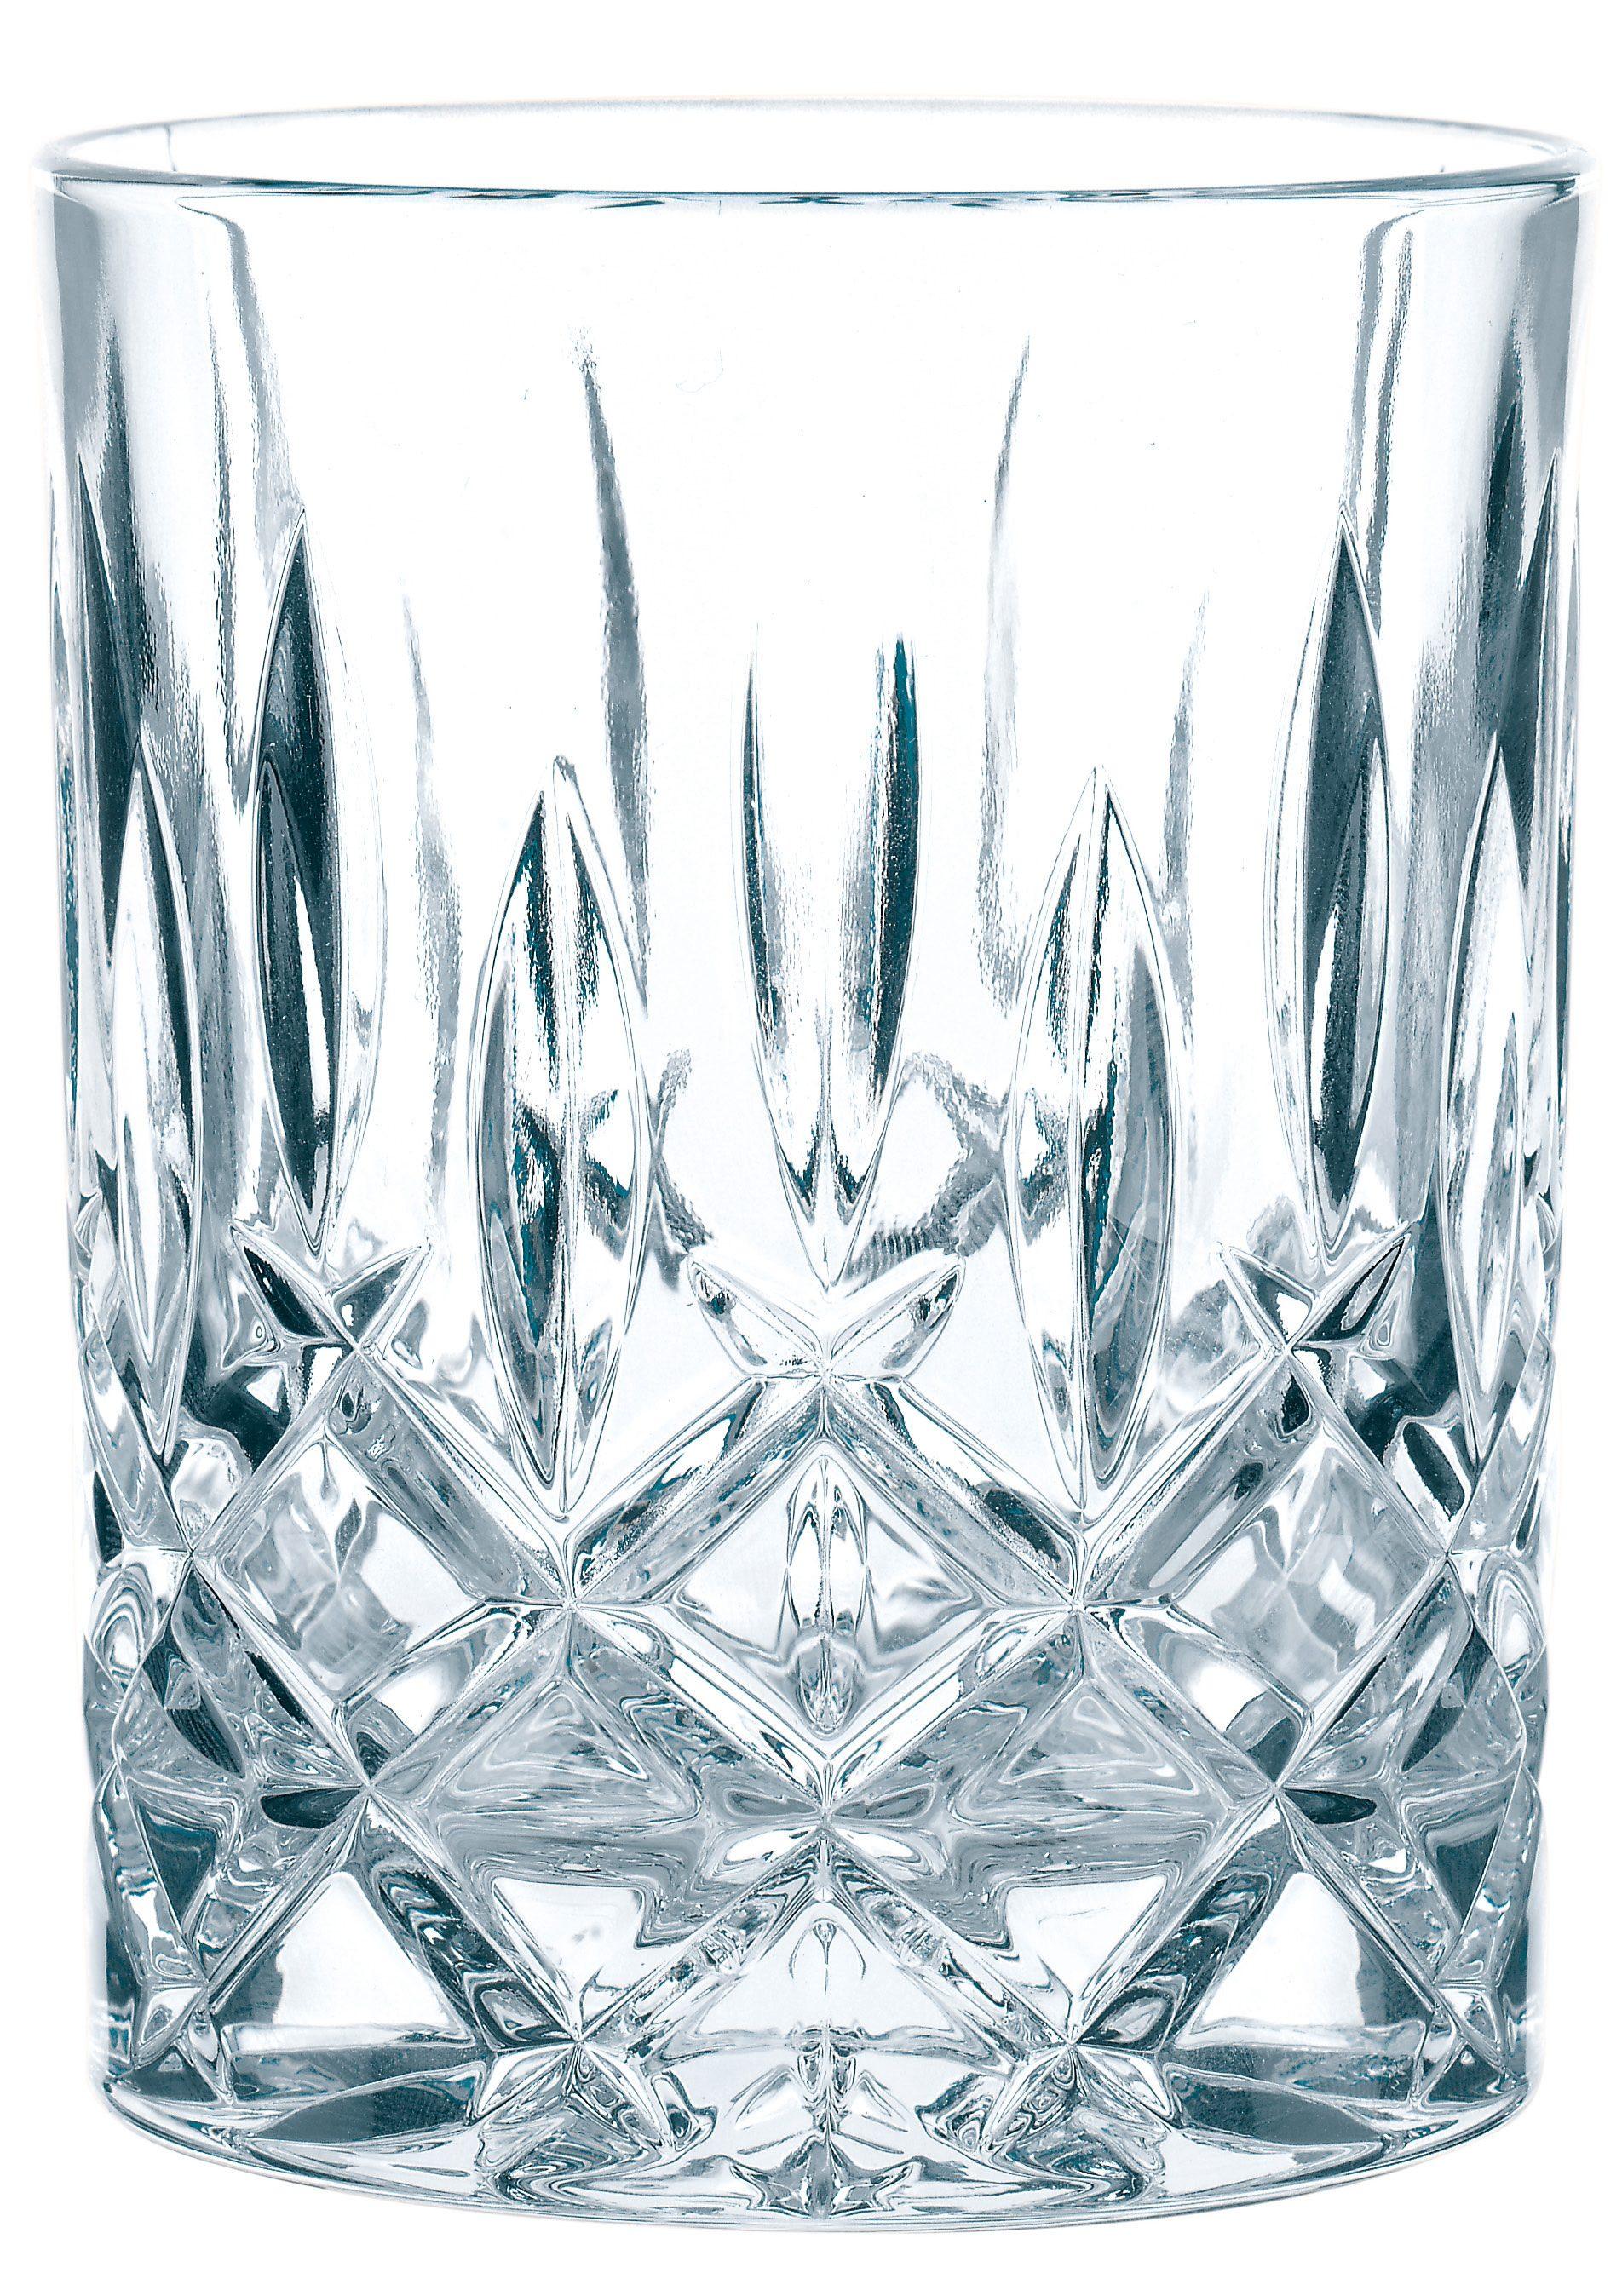 Nachtmann Whiskyglas Noblesse, (Set, 4 tlg.), edler Schliff, 4-teilig farblos Kristallgläser Gläser Glaswaren Haushaltswaren